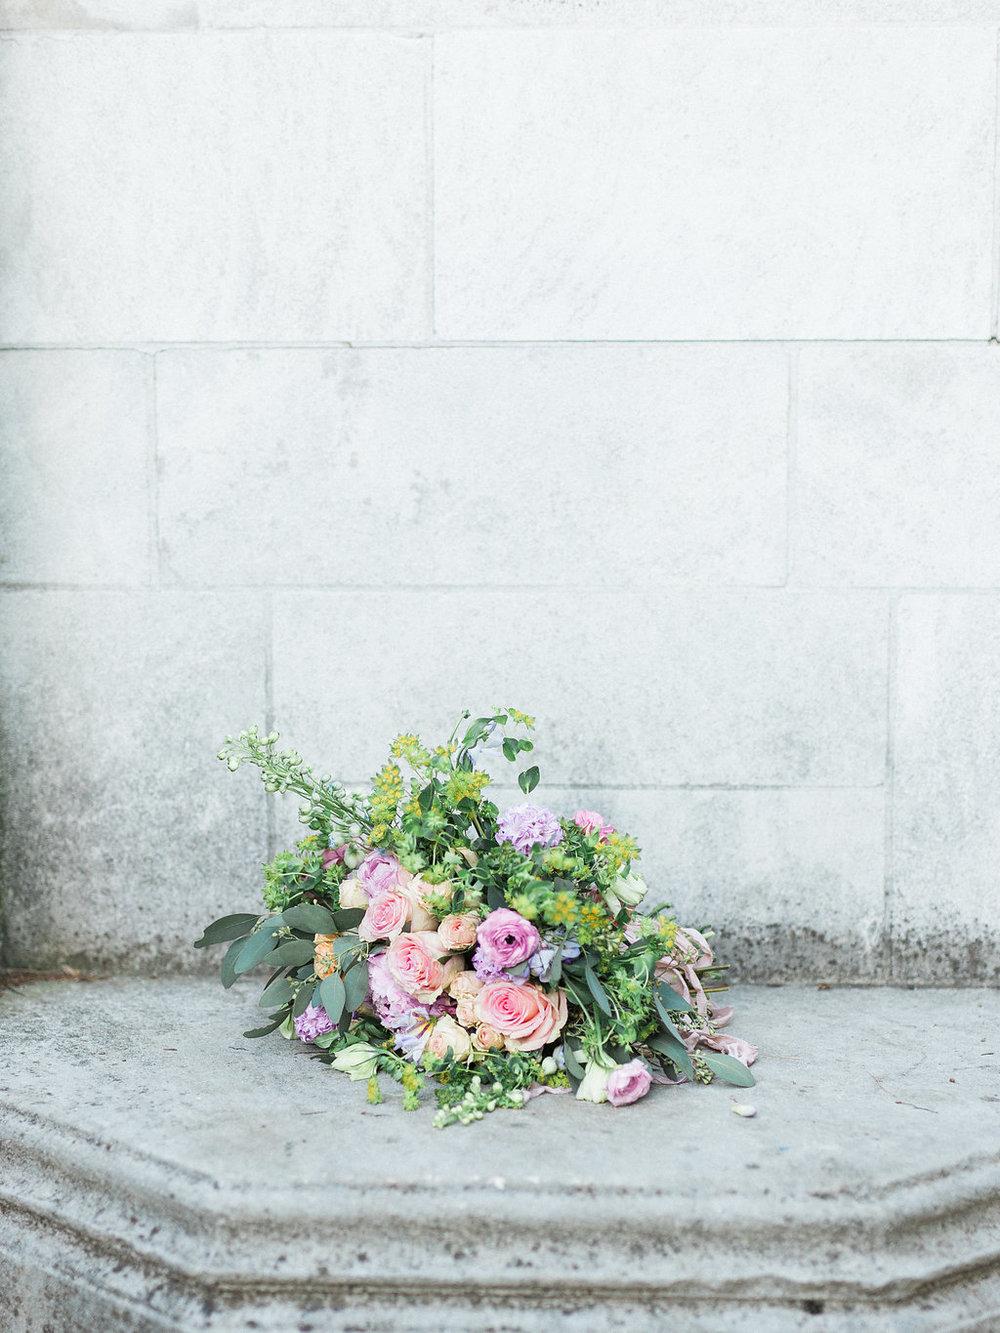 jimchiesaphotography_walled_garden_mellon_park-10.JPG